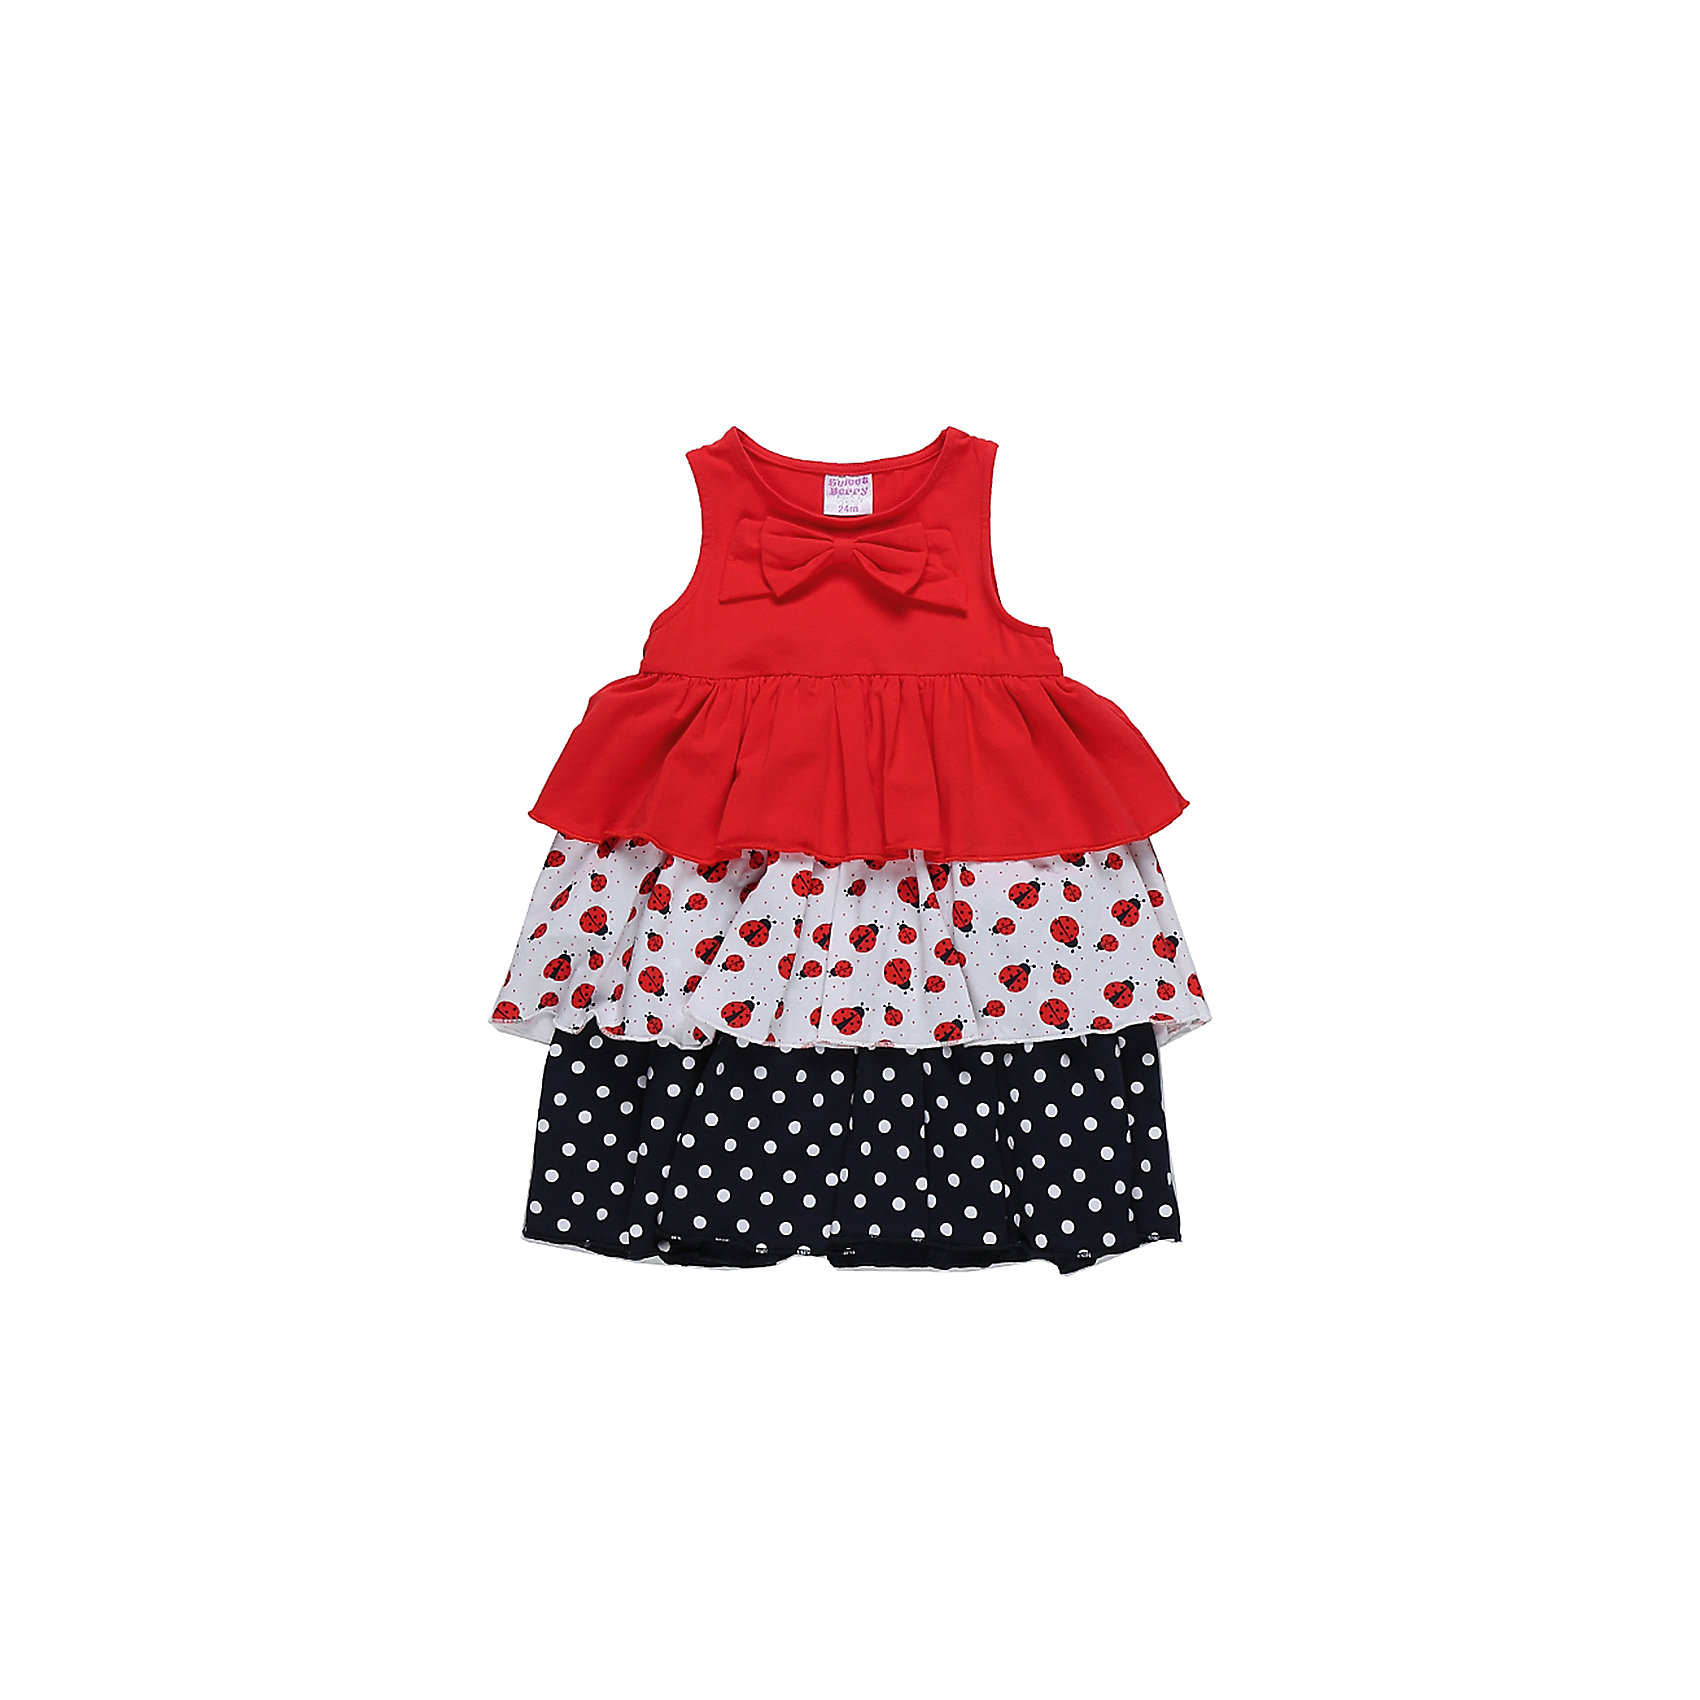 Платье для девочки Sweet BerryПлатья<br>Яркий трикотажный сарафан для девочки из трех видов ткани. Кокетка декорирована красным бантом.<br>Состав:<br>95%хлопок 5%эластан<br><br>Ширина мм: 236<br>Глубина мм: 16<br>Высота мм: 184<br>Вес г: 177<br>Цвет: разноцветный<br>Возраст от месяцев: 12<br>Возраст до месяцев: 15<br>Пол: Женский<br>Возраст: Детский<br>Размер: 80,86,92,98<br>SKU: 5411068